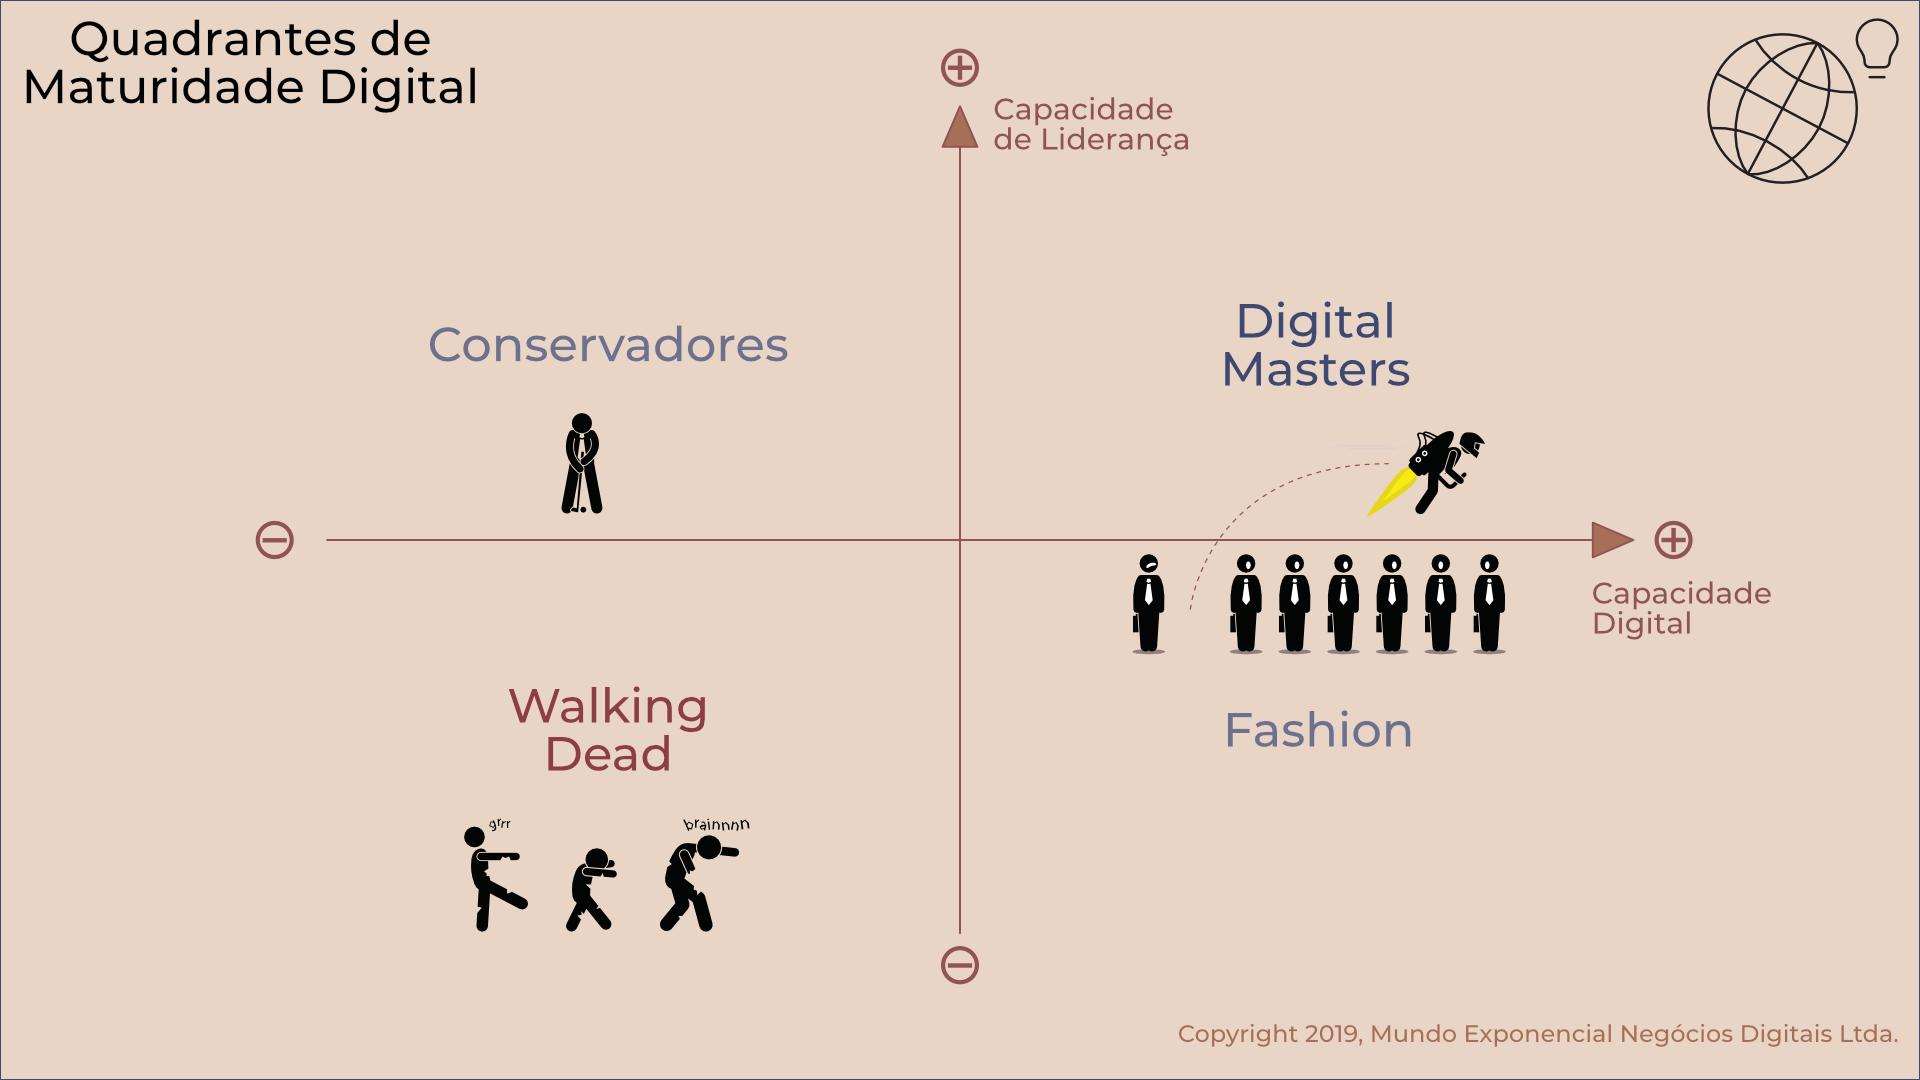 Quadrantes de Maturidade Digital.png